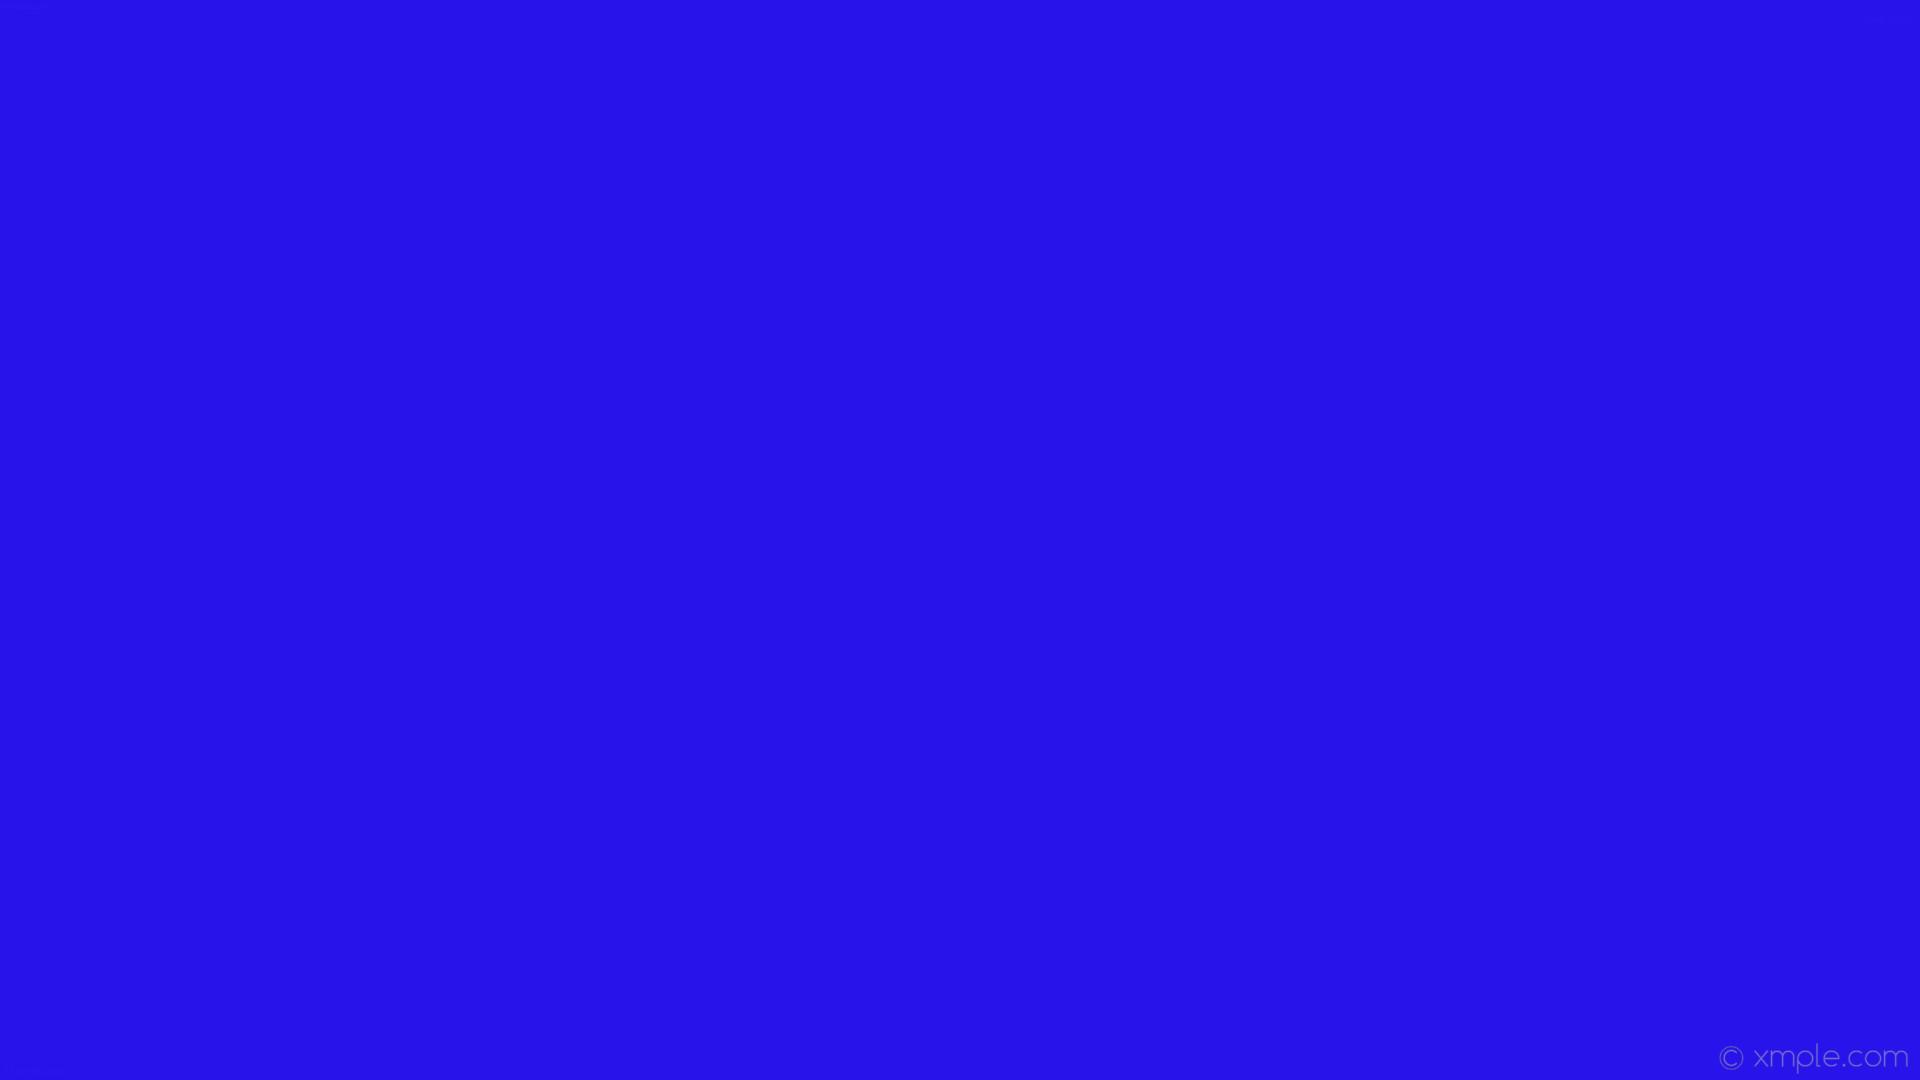 wallpaper blue single plain solid color one colour #2913eb